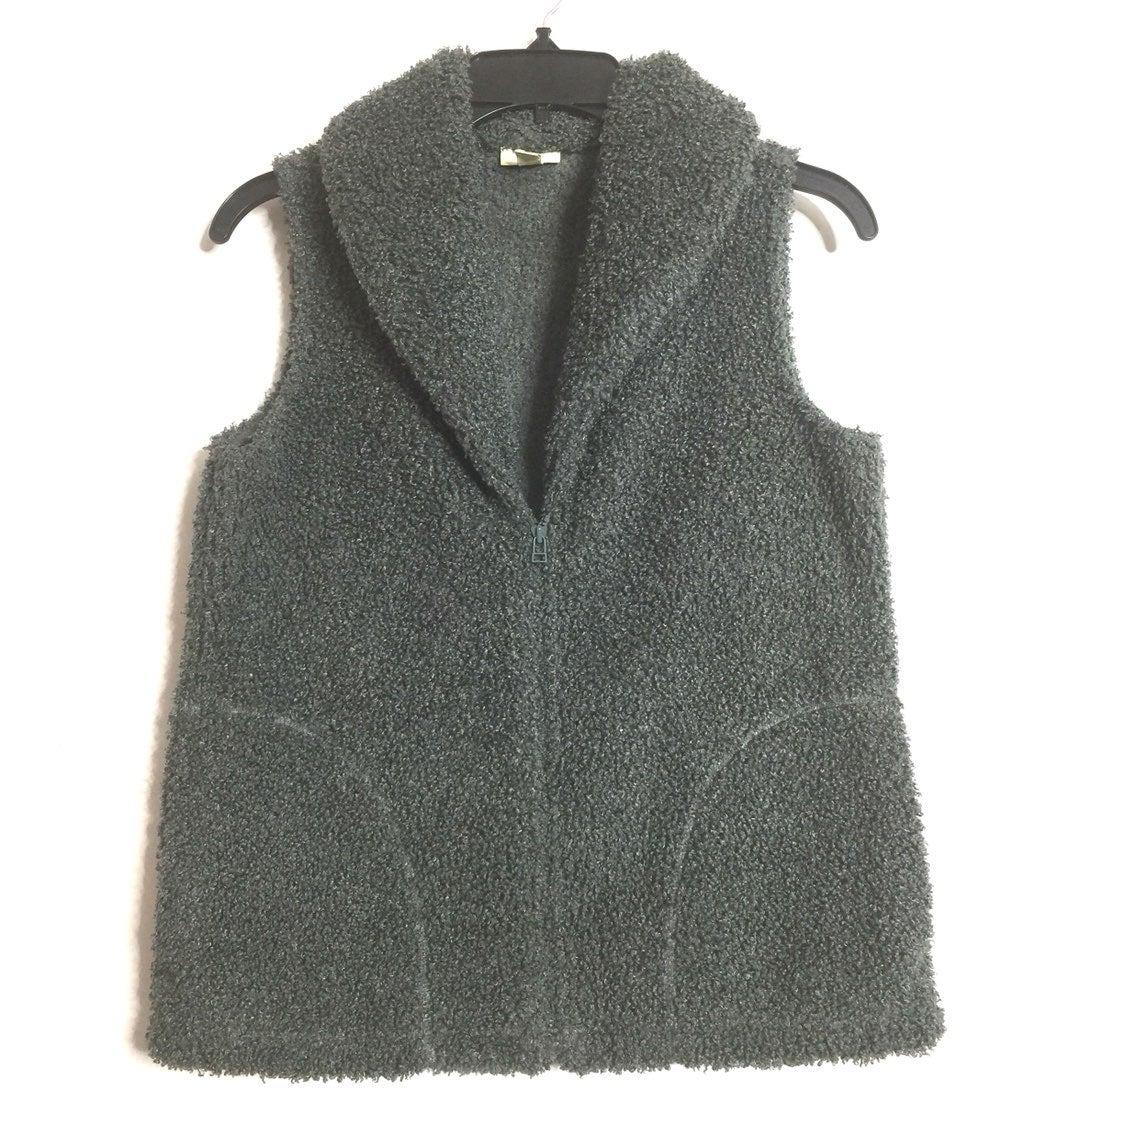 J. Jill Greenish Gray Fuzzy Zip Up Vest